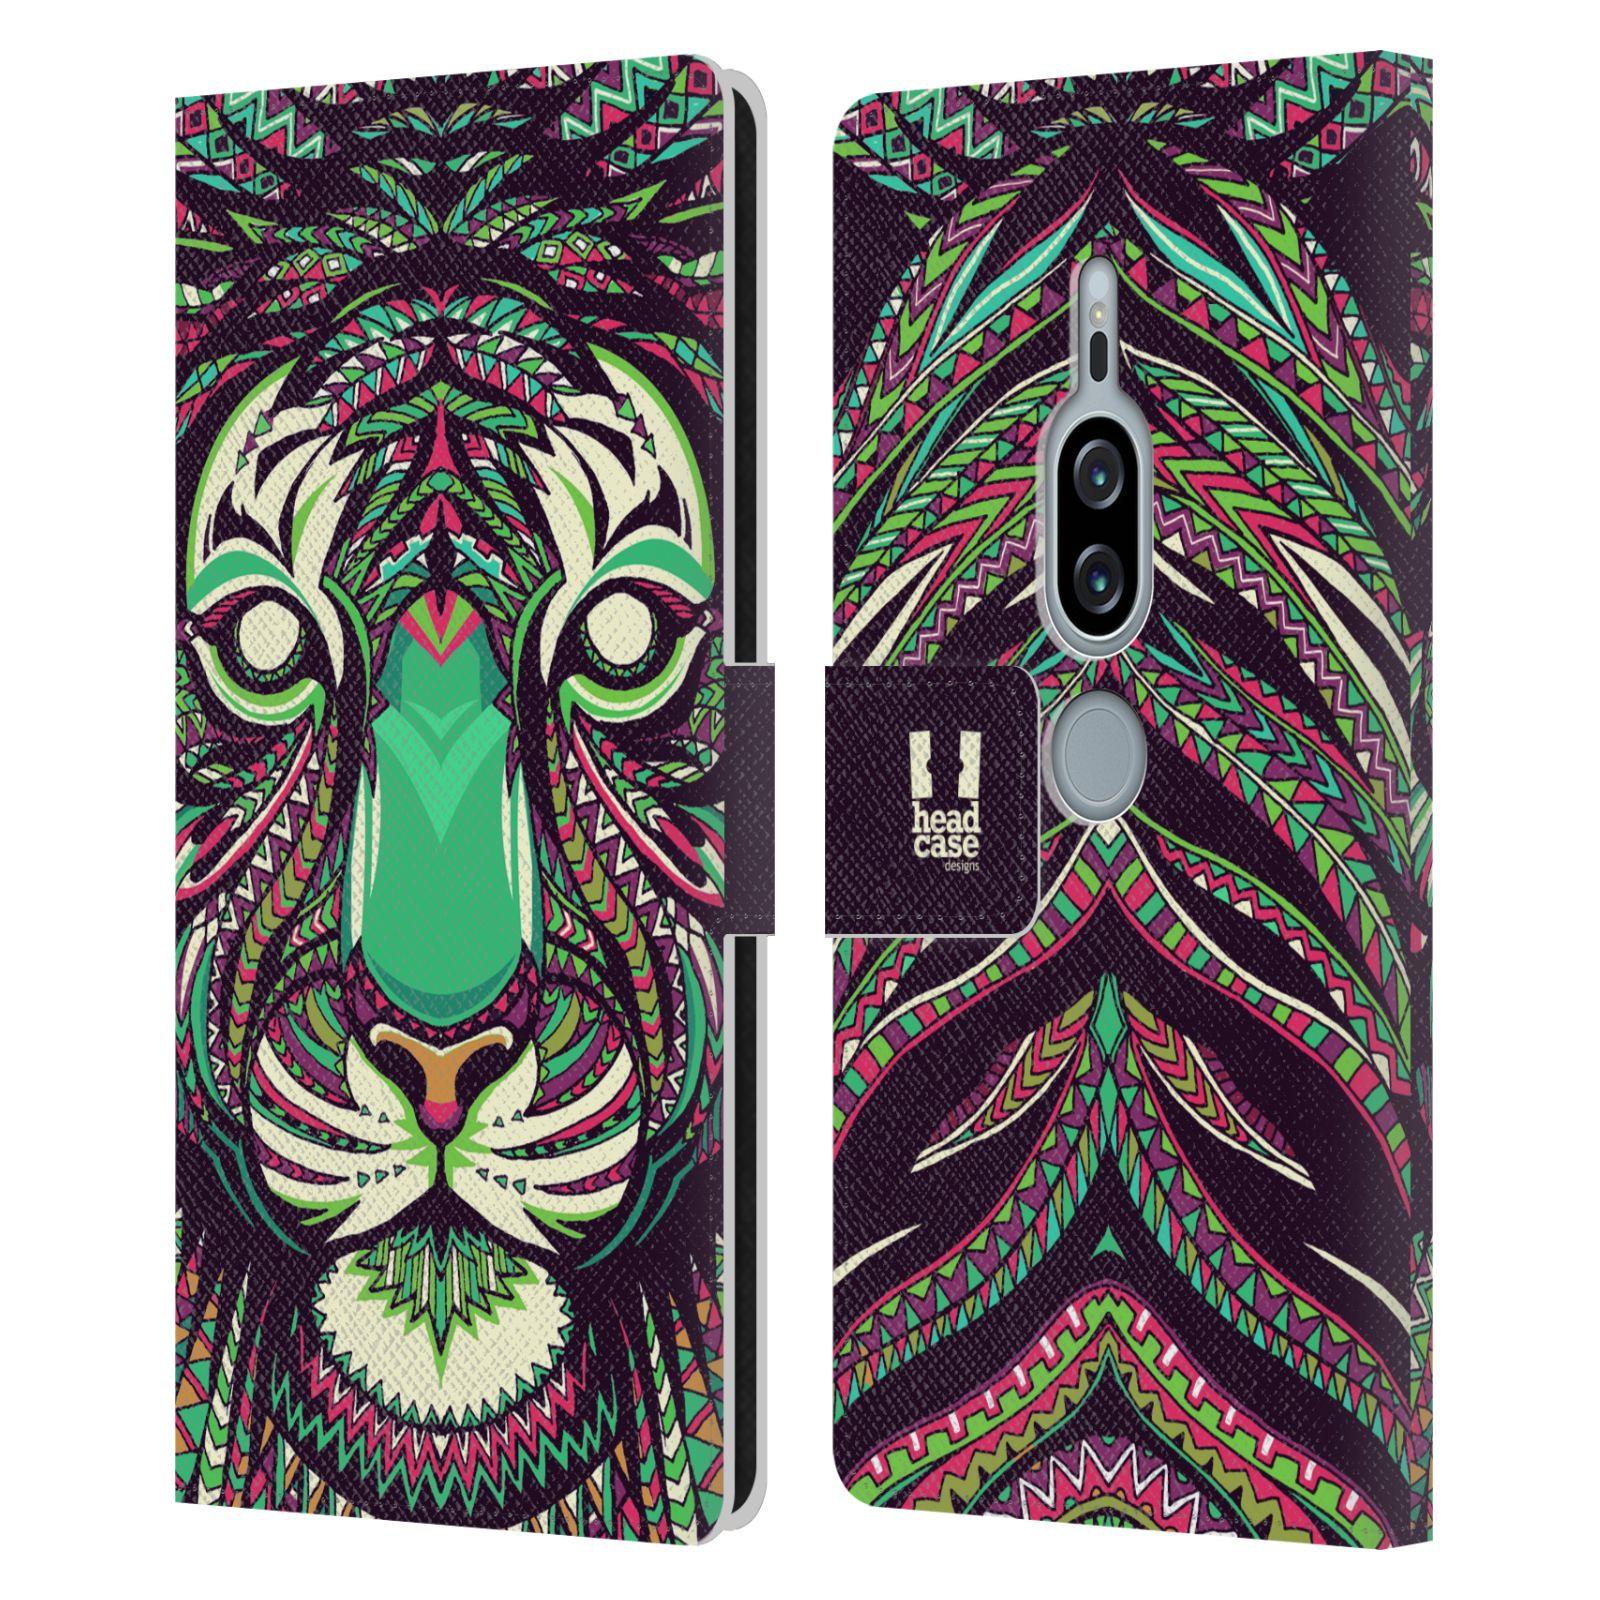 Pouzdro na mobil Sony Xperia XZ2 Premium - Head Case - Aztécký vzor tygr